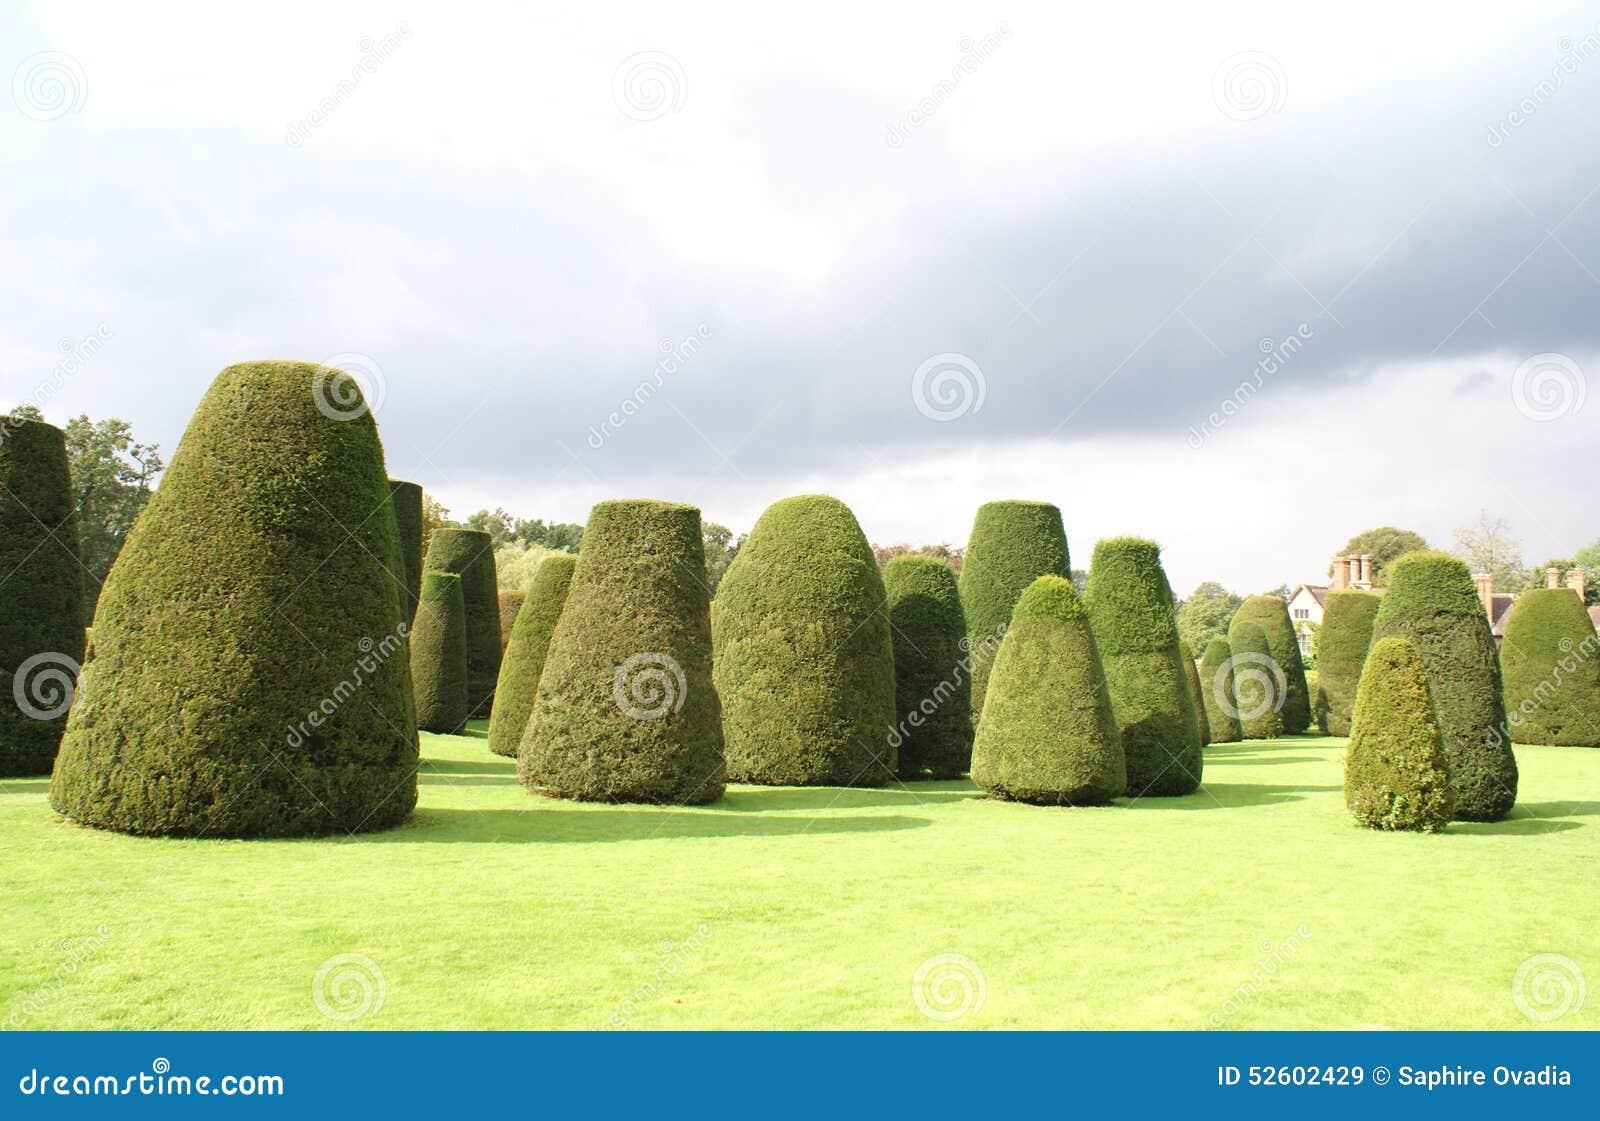 Jardin topiaire d 39 arbres d 39 if botanique image stock - Jardin topiaire ...